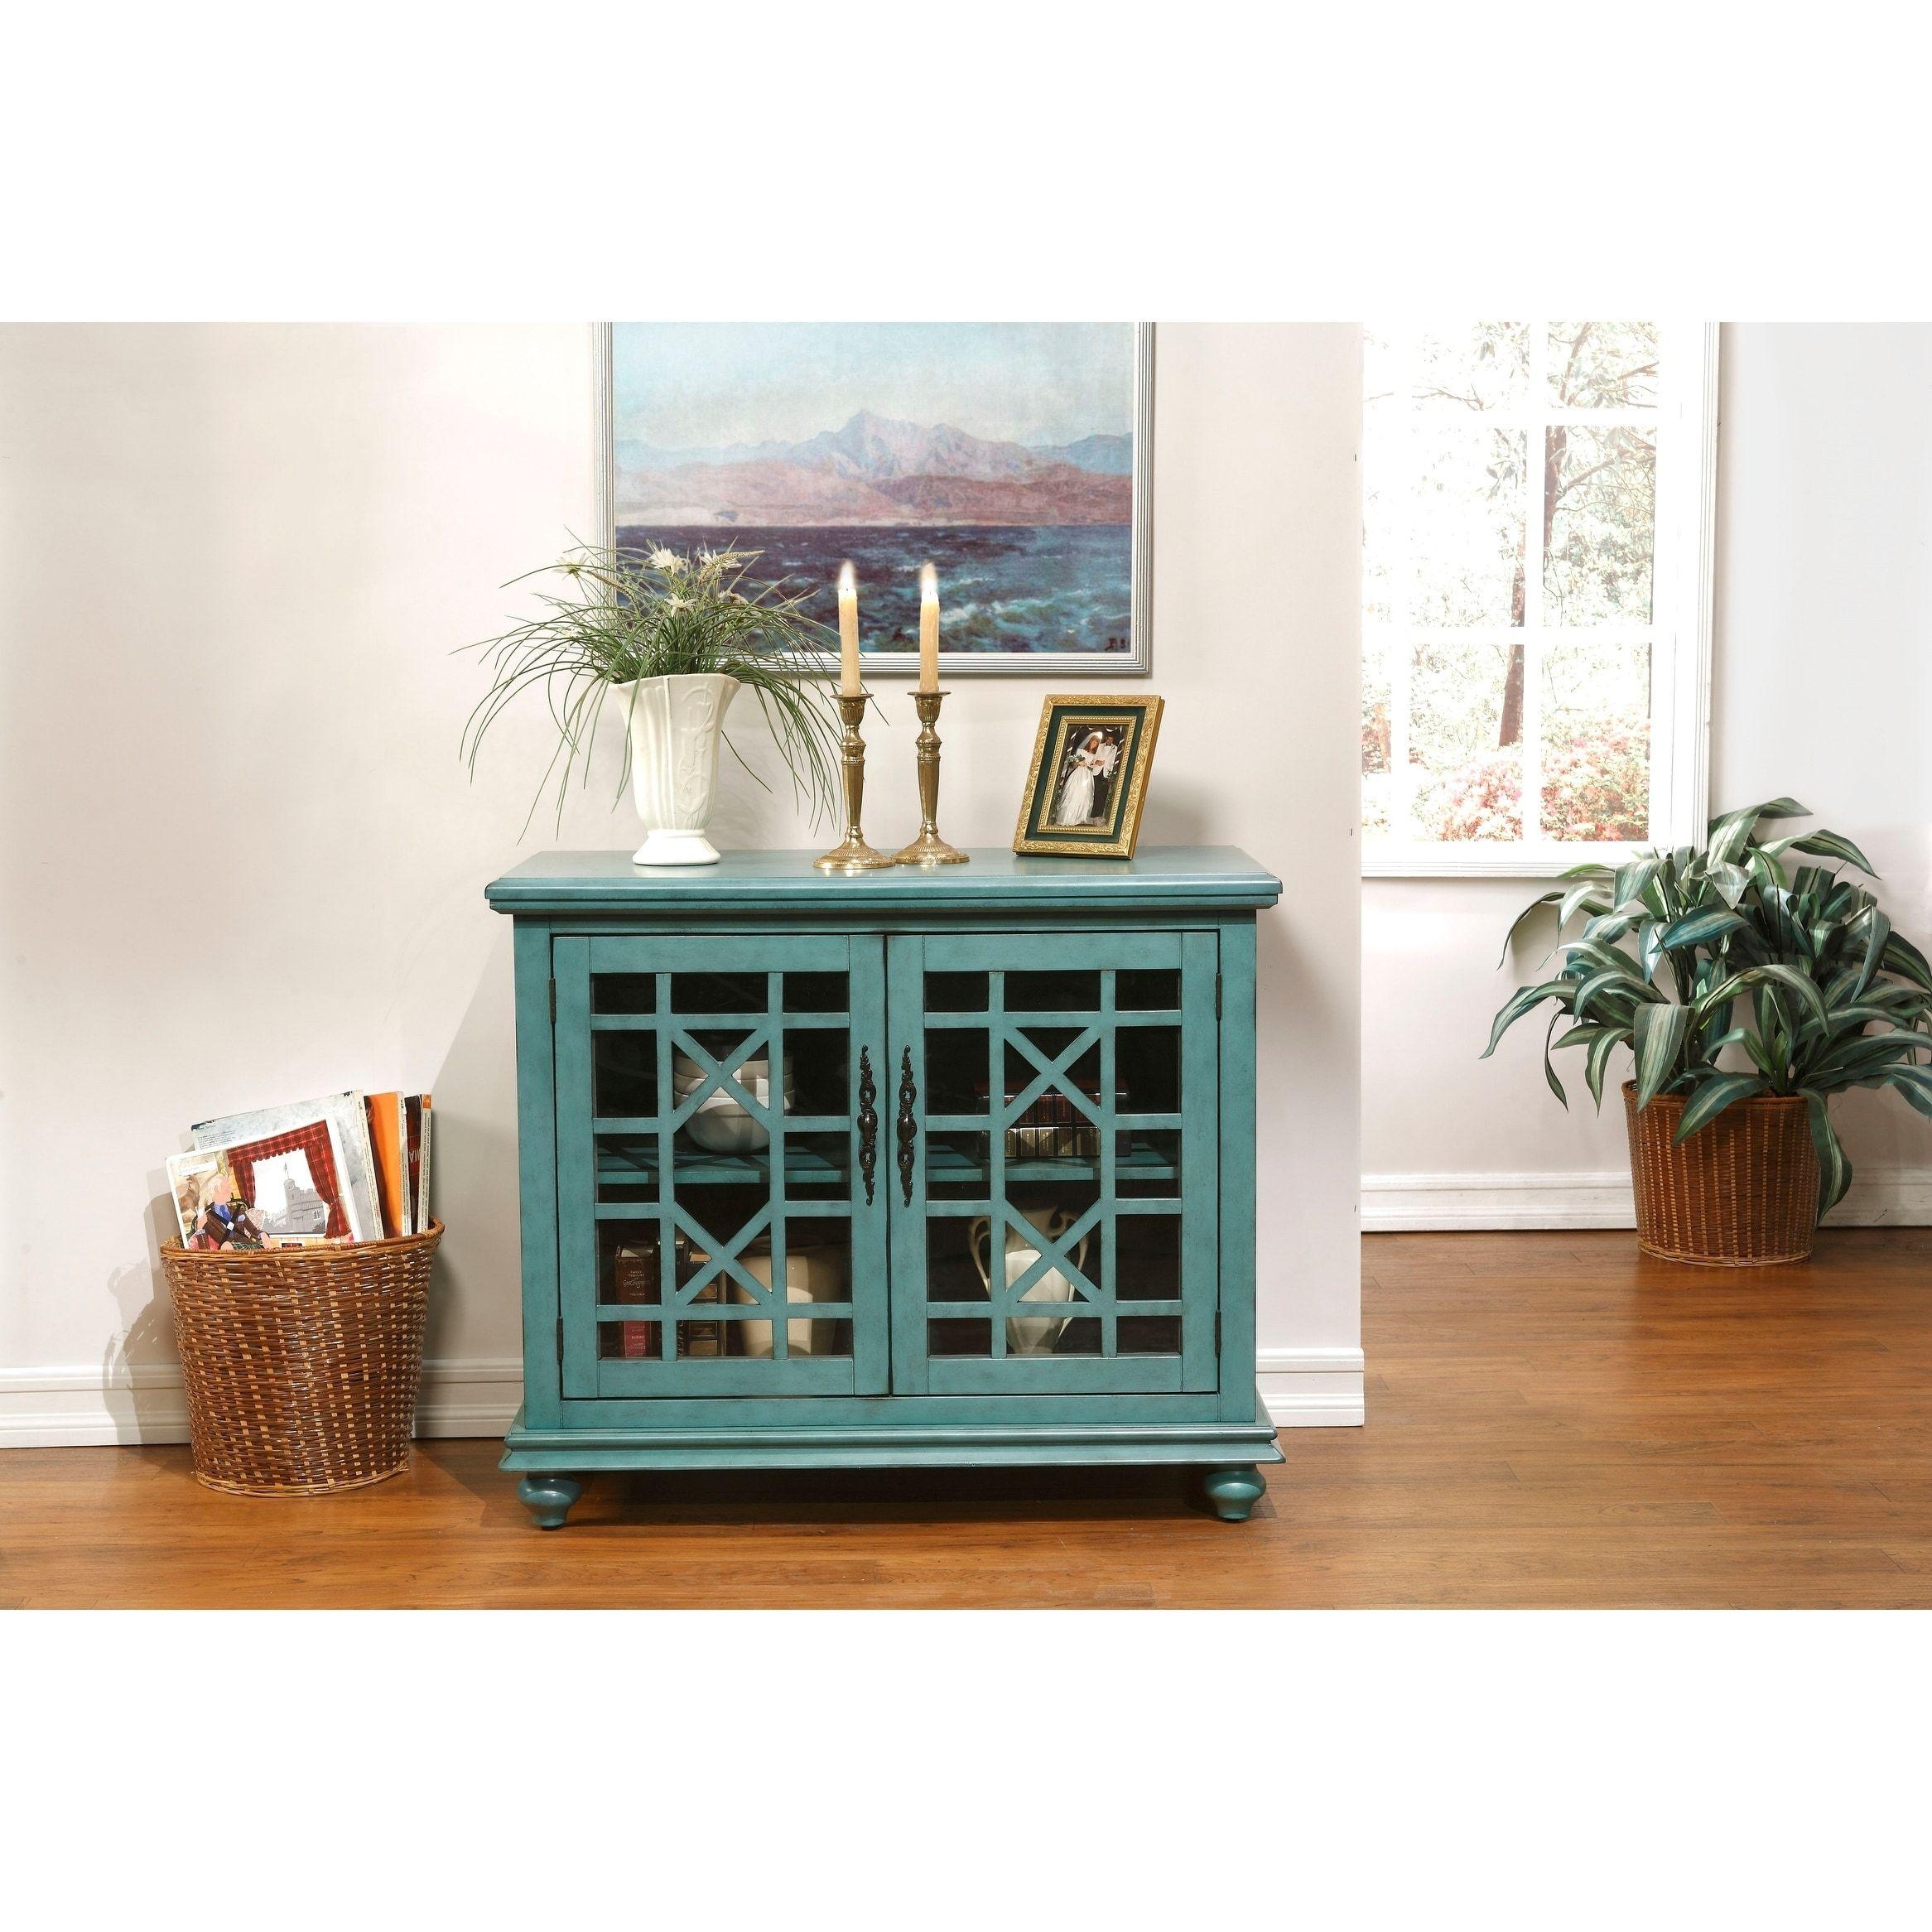 Martin svensson home small spaces elegant door accent cabinet tv